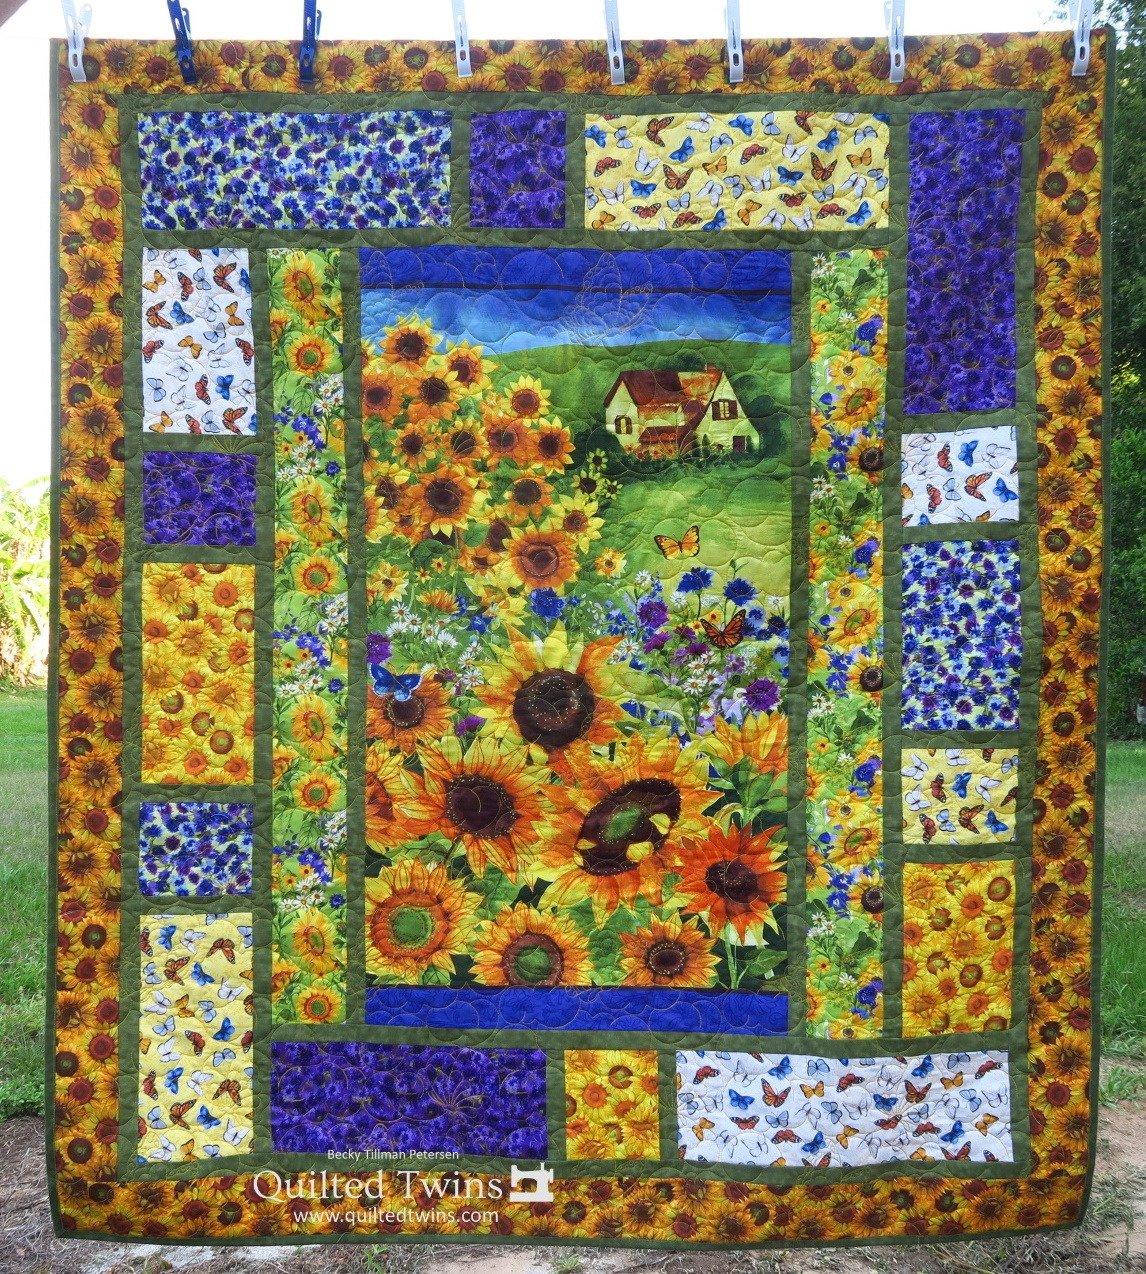 Digital Pattern: Sunny Fields digital Pattern by Becky Tillman Petersen